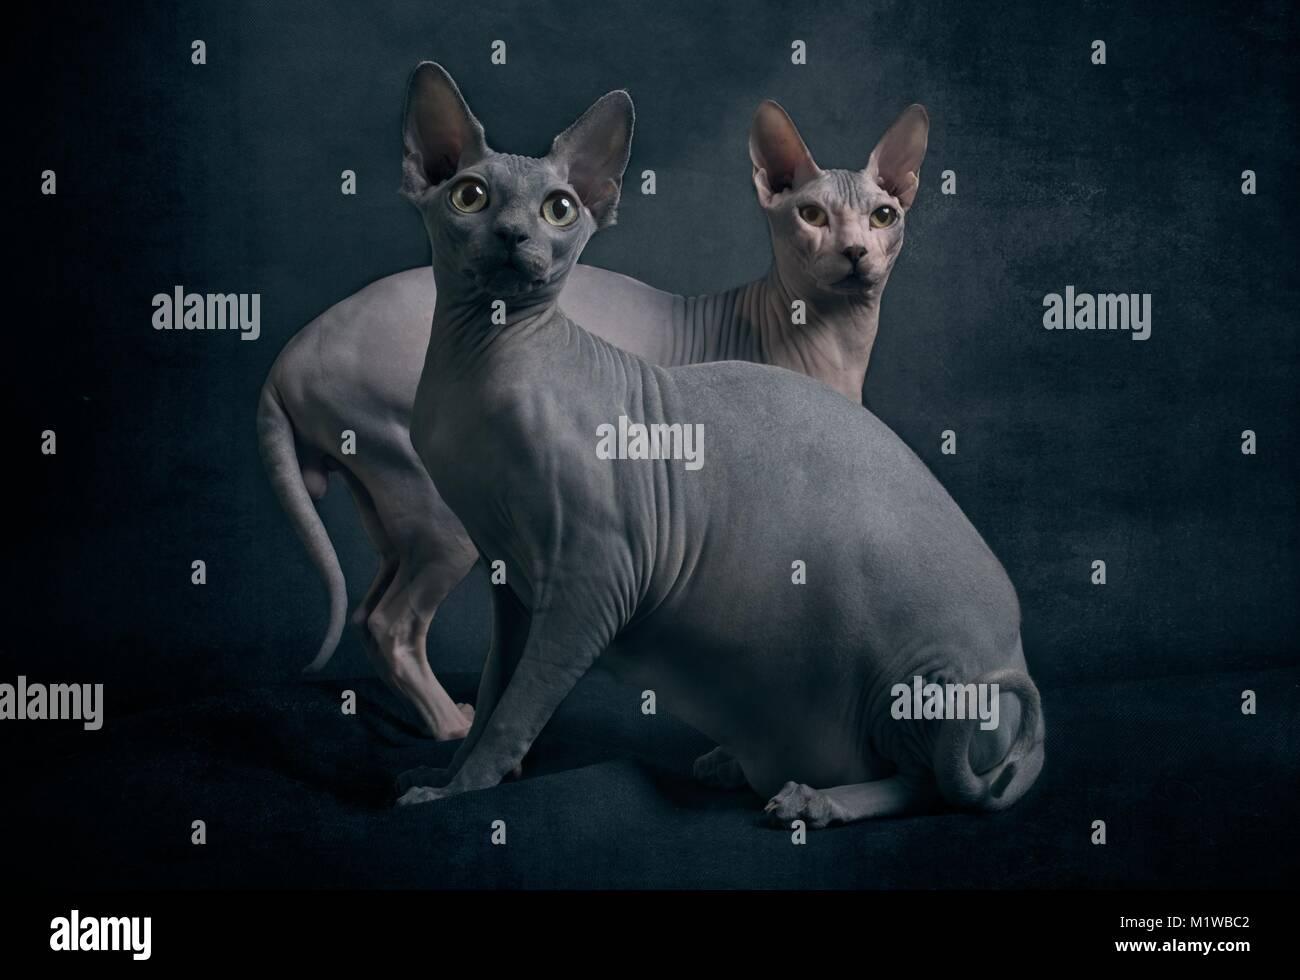 Zwei süße Sphynx Katzen auf dunklem Hintergrund Stockbild